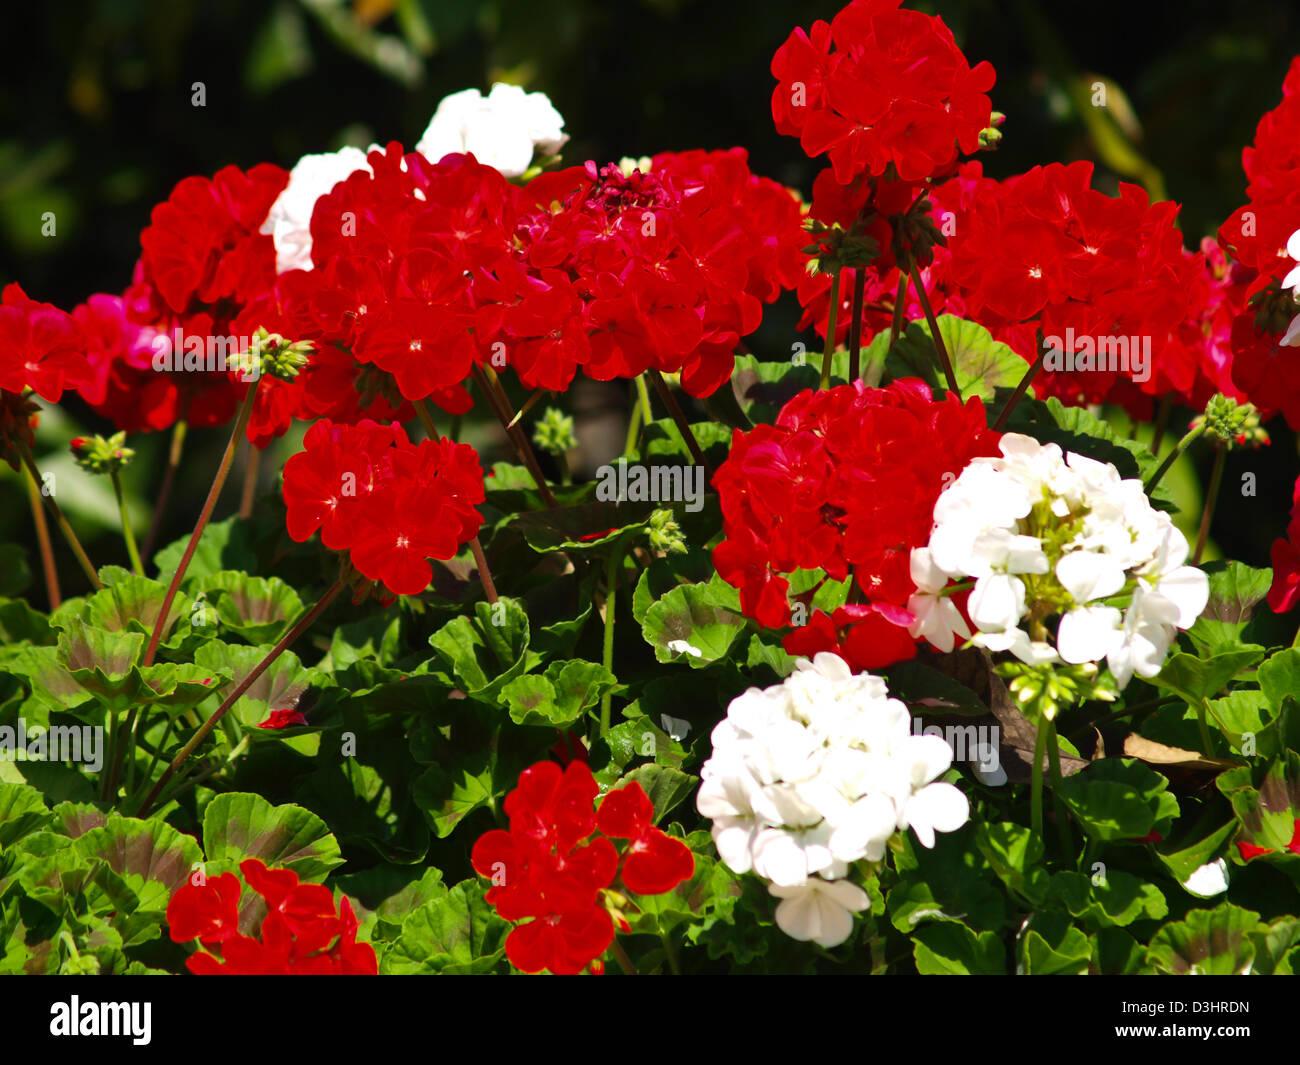 White Red Vinca Flower Stock Photos & White Red Vinca Flower Stock ...